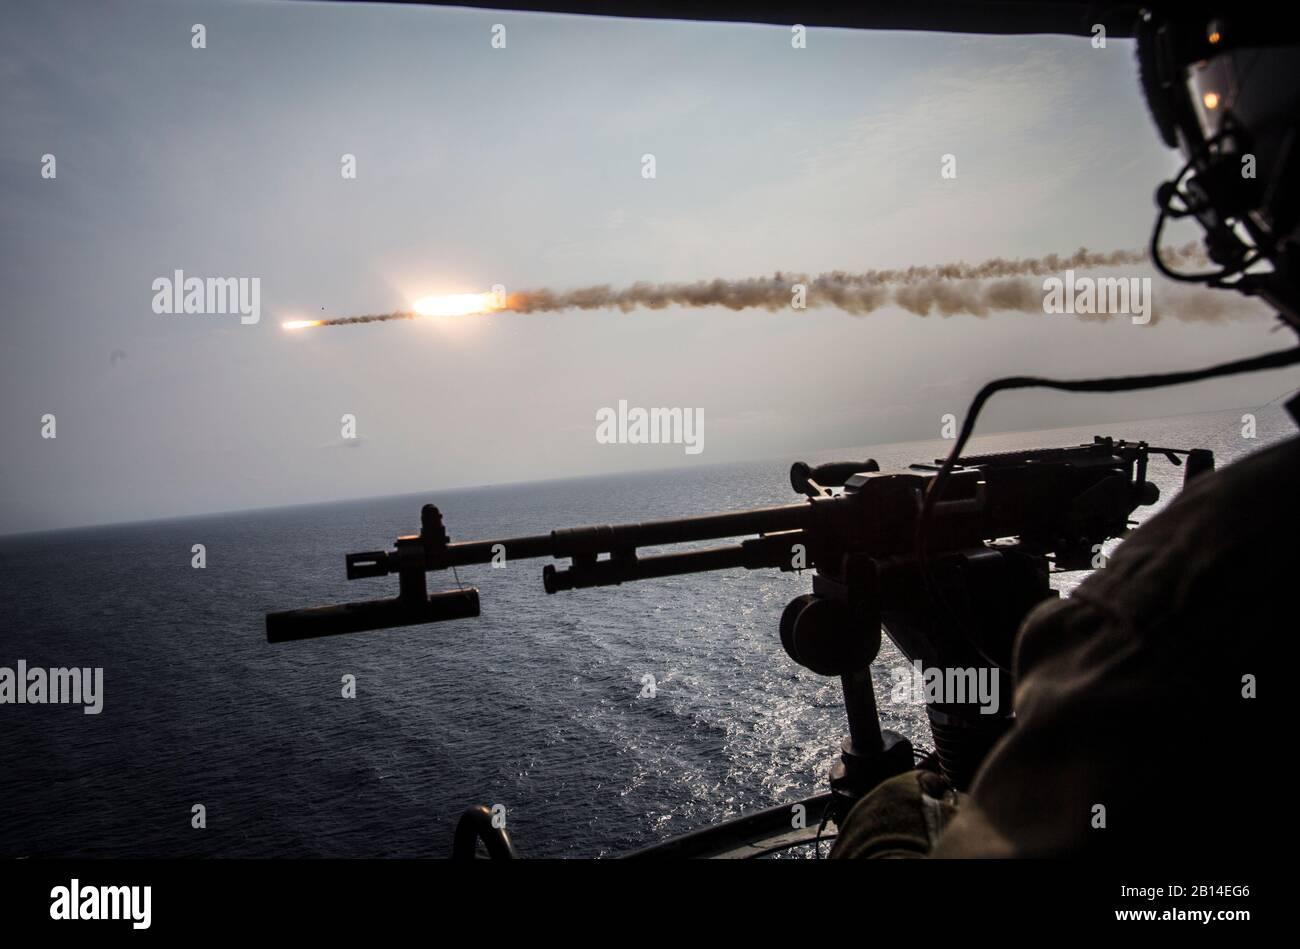 Un Cuerpo de Marines de EE.UU AH-1Z Viper helicóptero asignado a Luz Marina escuadrón de helicópteros de ataque (HMLA) 169, aviones Marine Group (MAG) 39, 3a de alas de avión marino (MAW) disparar dos misiles de entrenamiento por intervalos en Okinawa, Japón, 28 de septiembre de 2017. El escuadrón aéreo realizó entrenamiento con fuego vivo en Okinawa, que es crucial para mantener una más fuerte, más capaz, transmita fuerza desplegada en la región del Pacífico Indo-Asia. HMLA-169 fue desplegadas bajo el programa de implementación de la unidad con MAG-36, 1MAW. (Ee.Uu. Marine Corps foto por Lance Cpl. Andy Martínez) Foto de stock